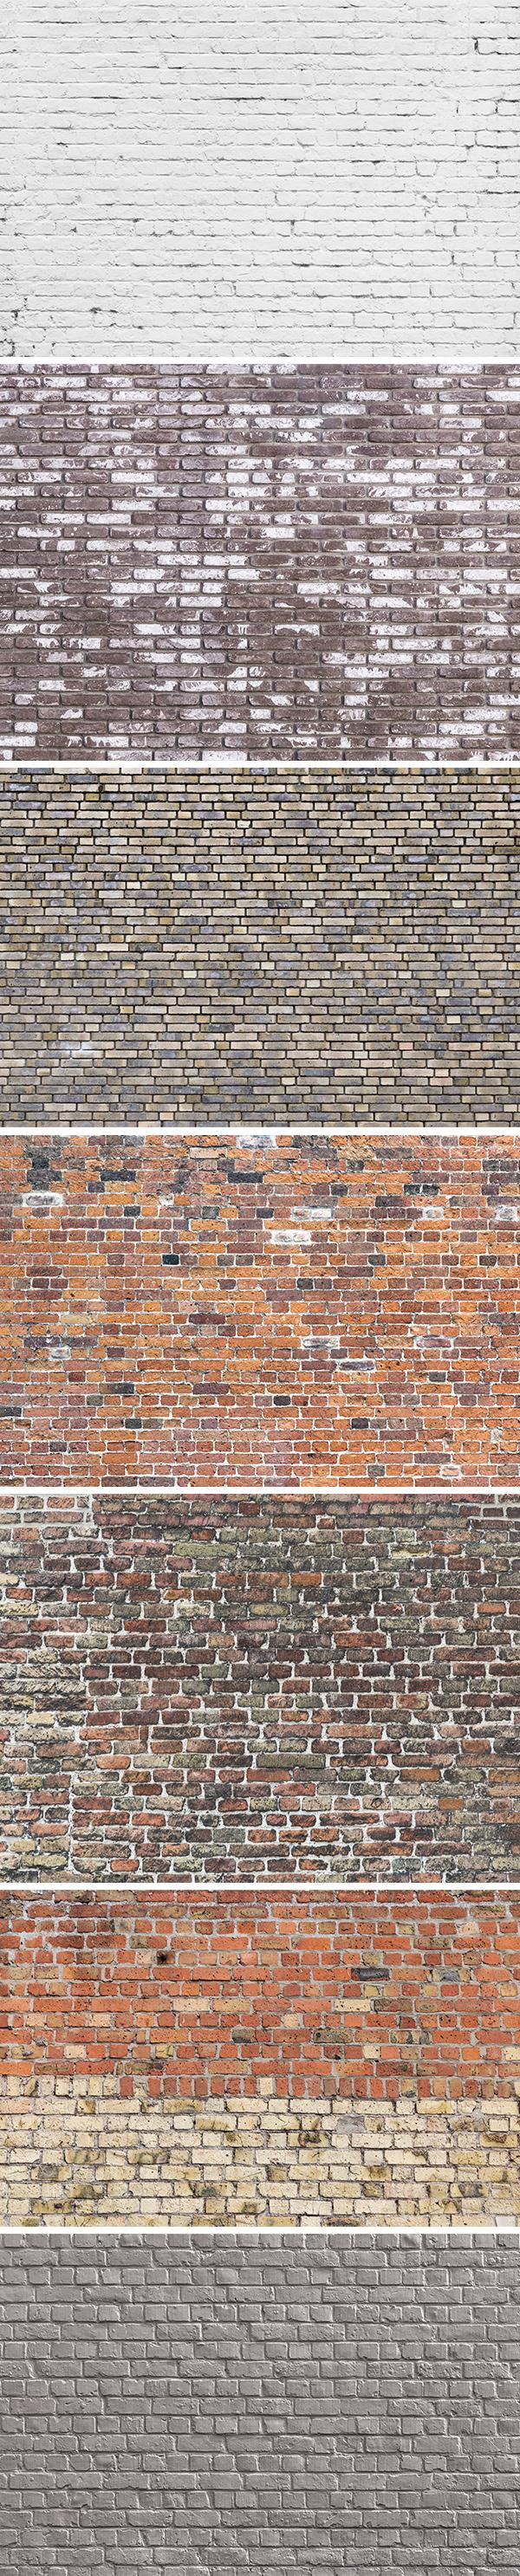 Brick Wall Free Textures